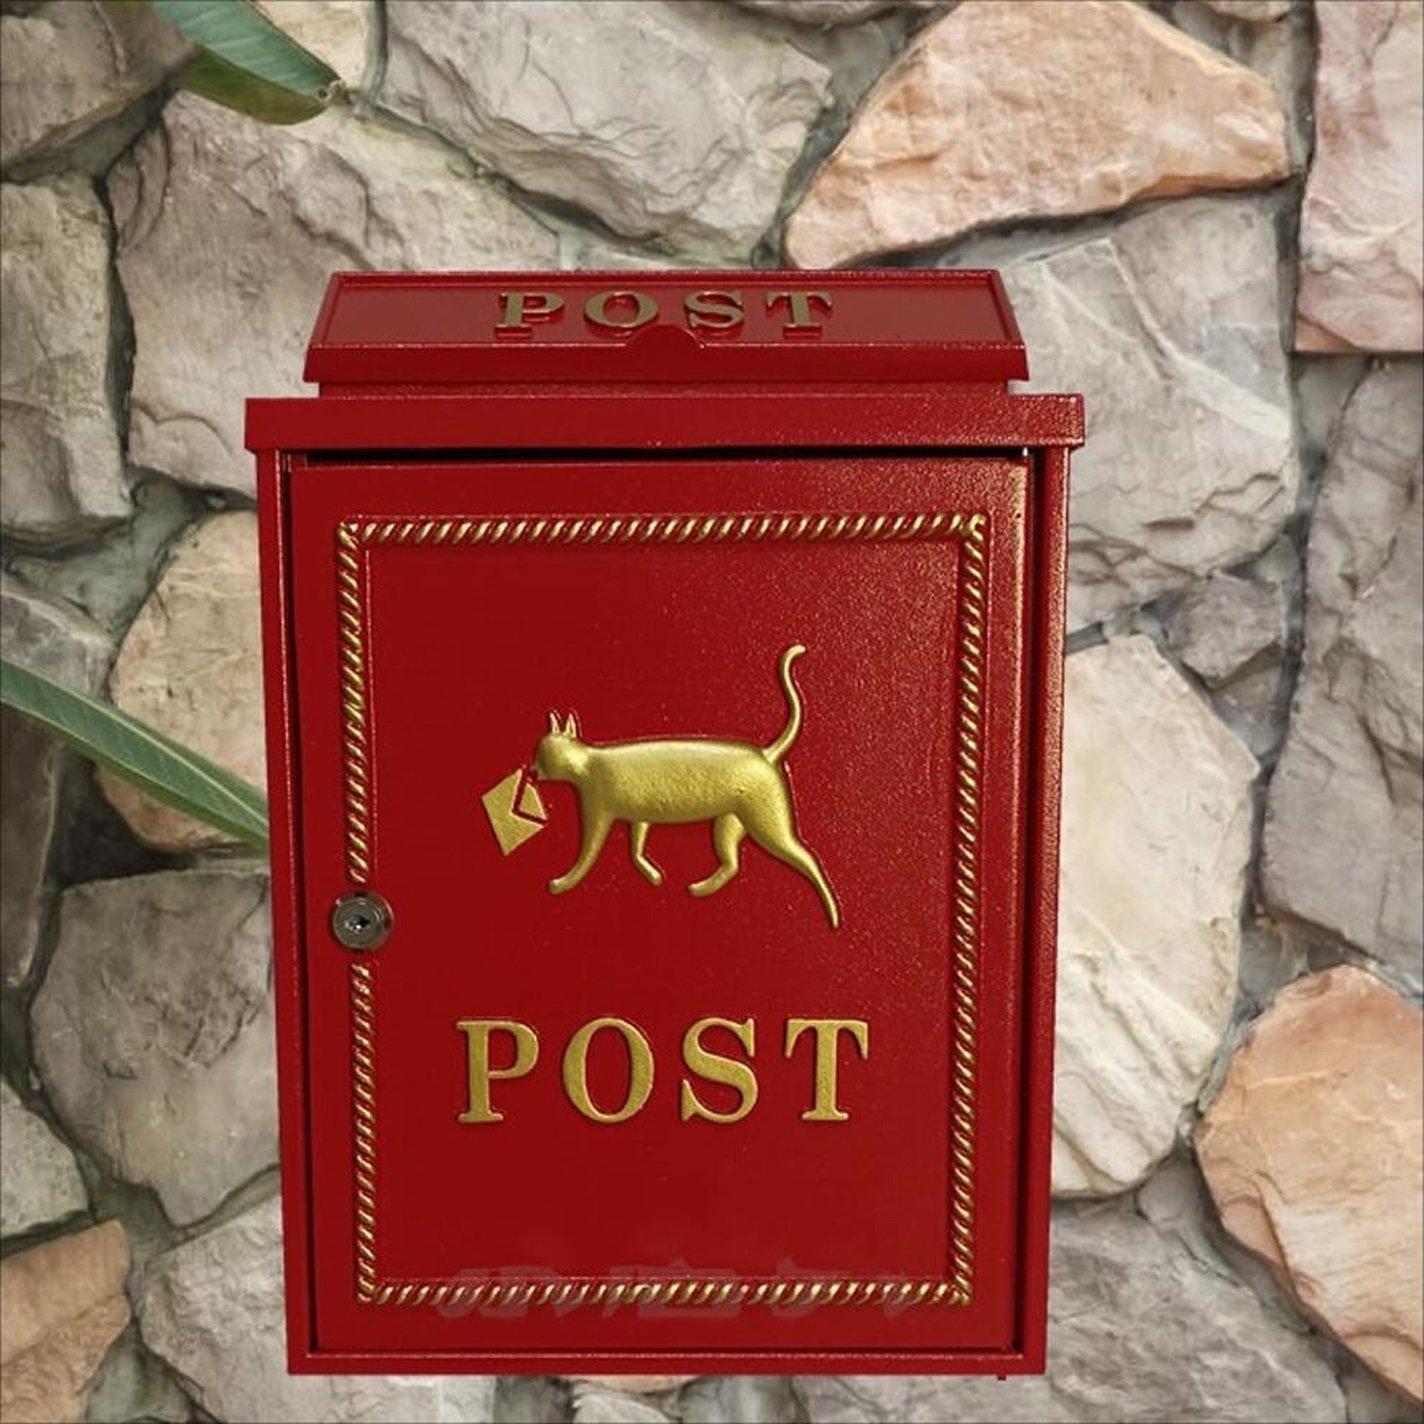 HZB ヨーロッパの郵便箱住宅地区のヴィラルームの外壁用防水レターボックス B07F35C8D9 19067